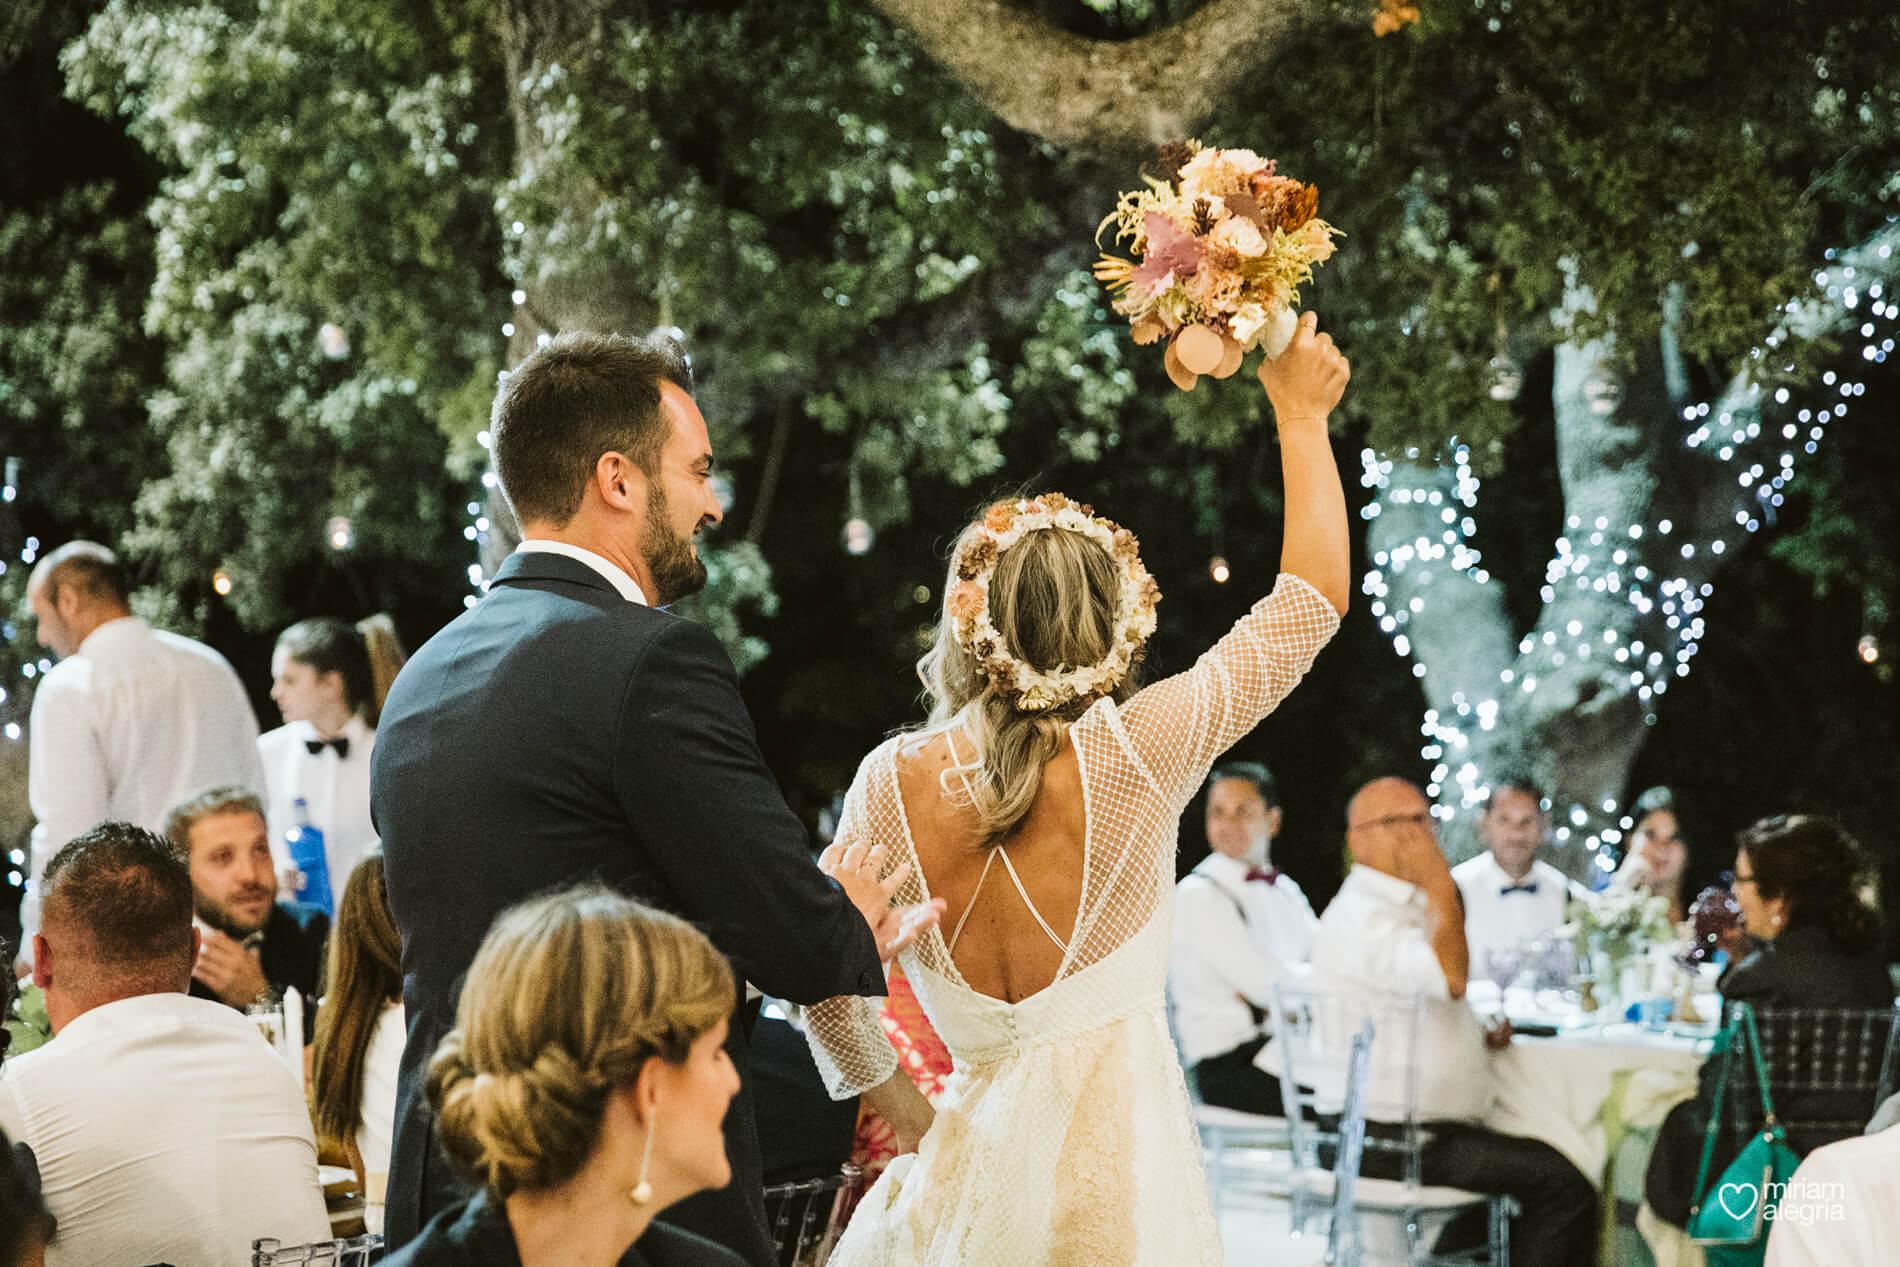 boda-en-collados-miriam-alegria-cayetana-ferrer-110